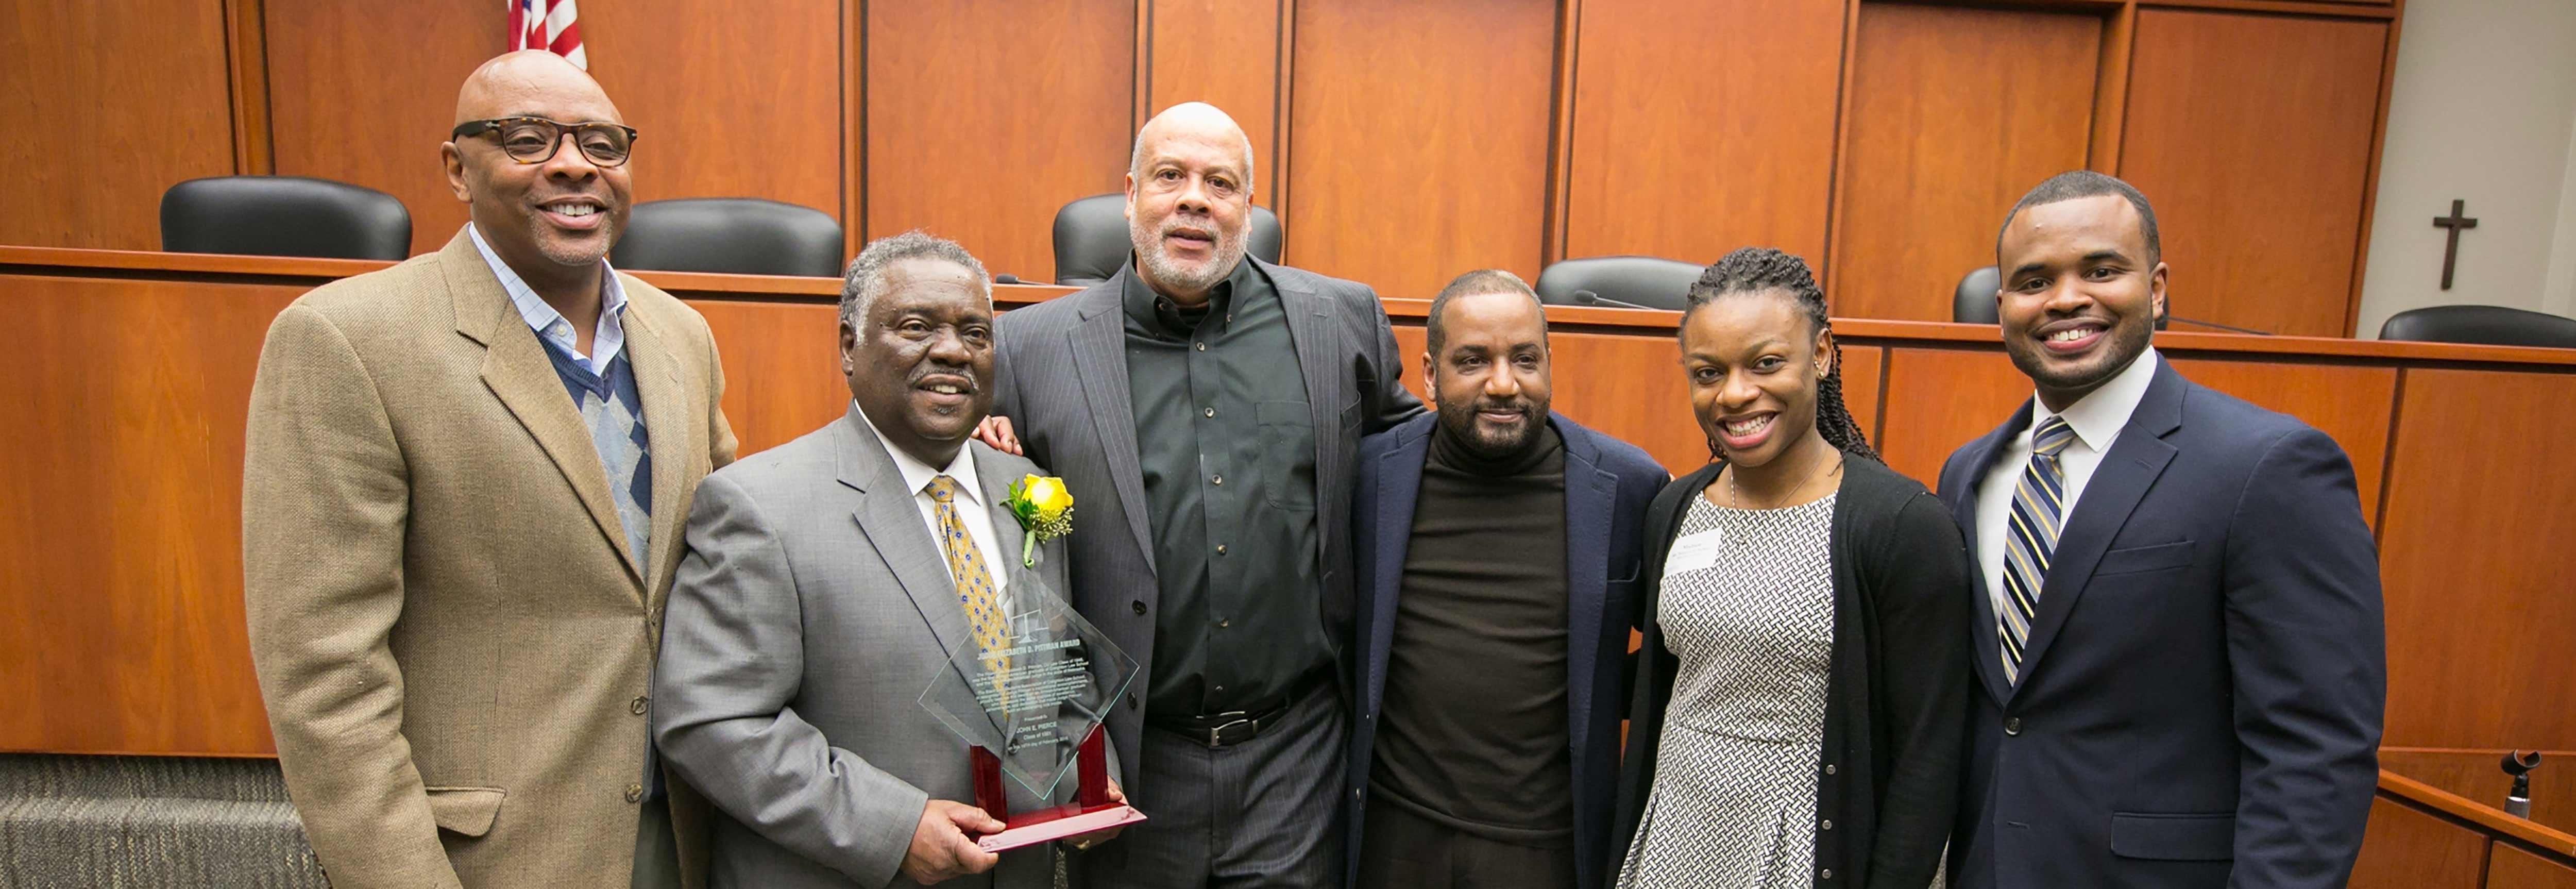 Pittman Award